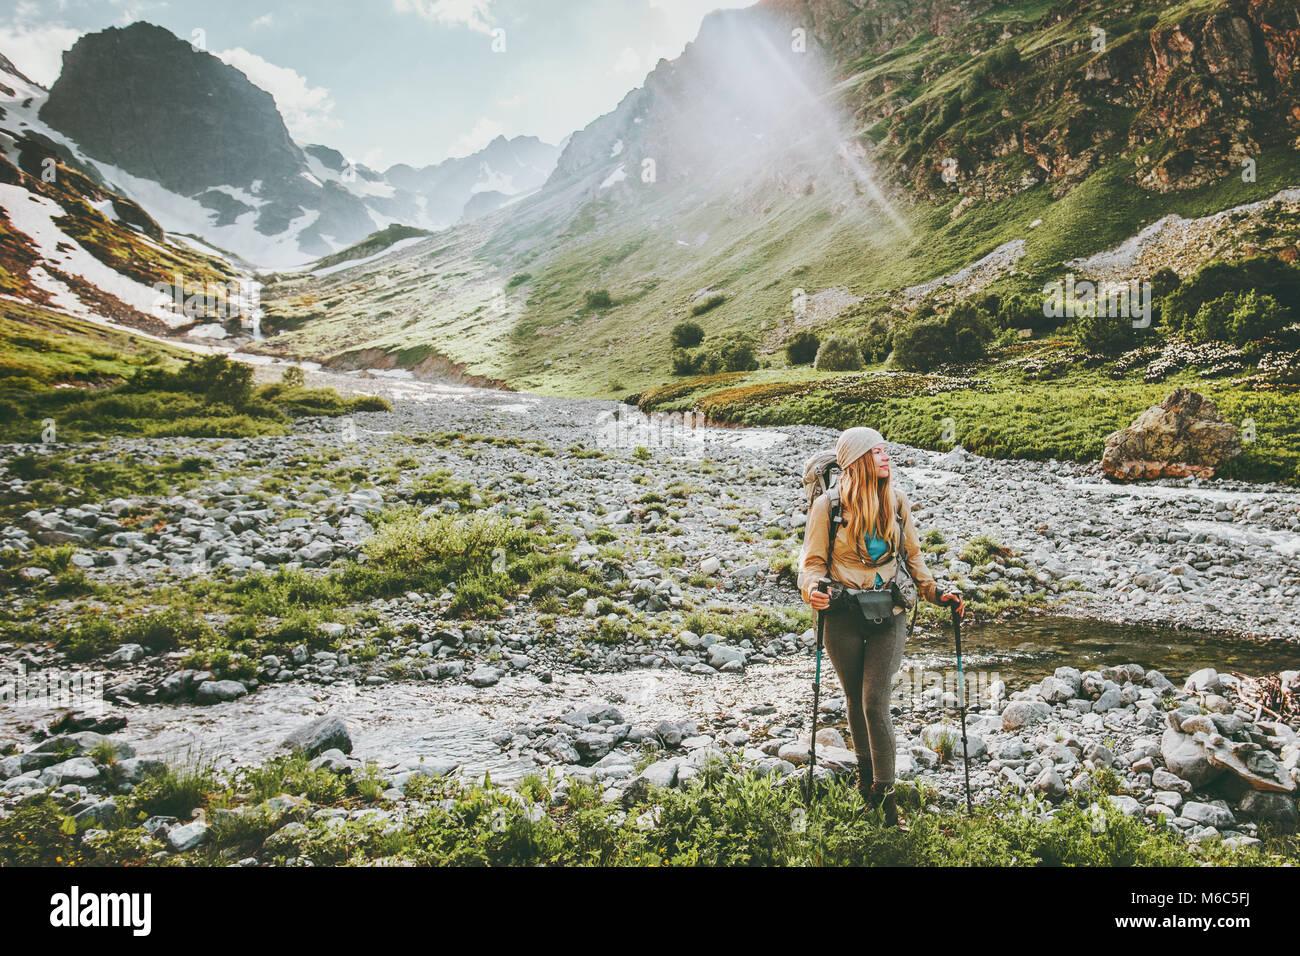 Frau backpacker Wandern in den Bergen adventure travel lifestyle Konzept Aktiv Sommer Ferien Sport im Freien Stockbild